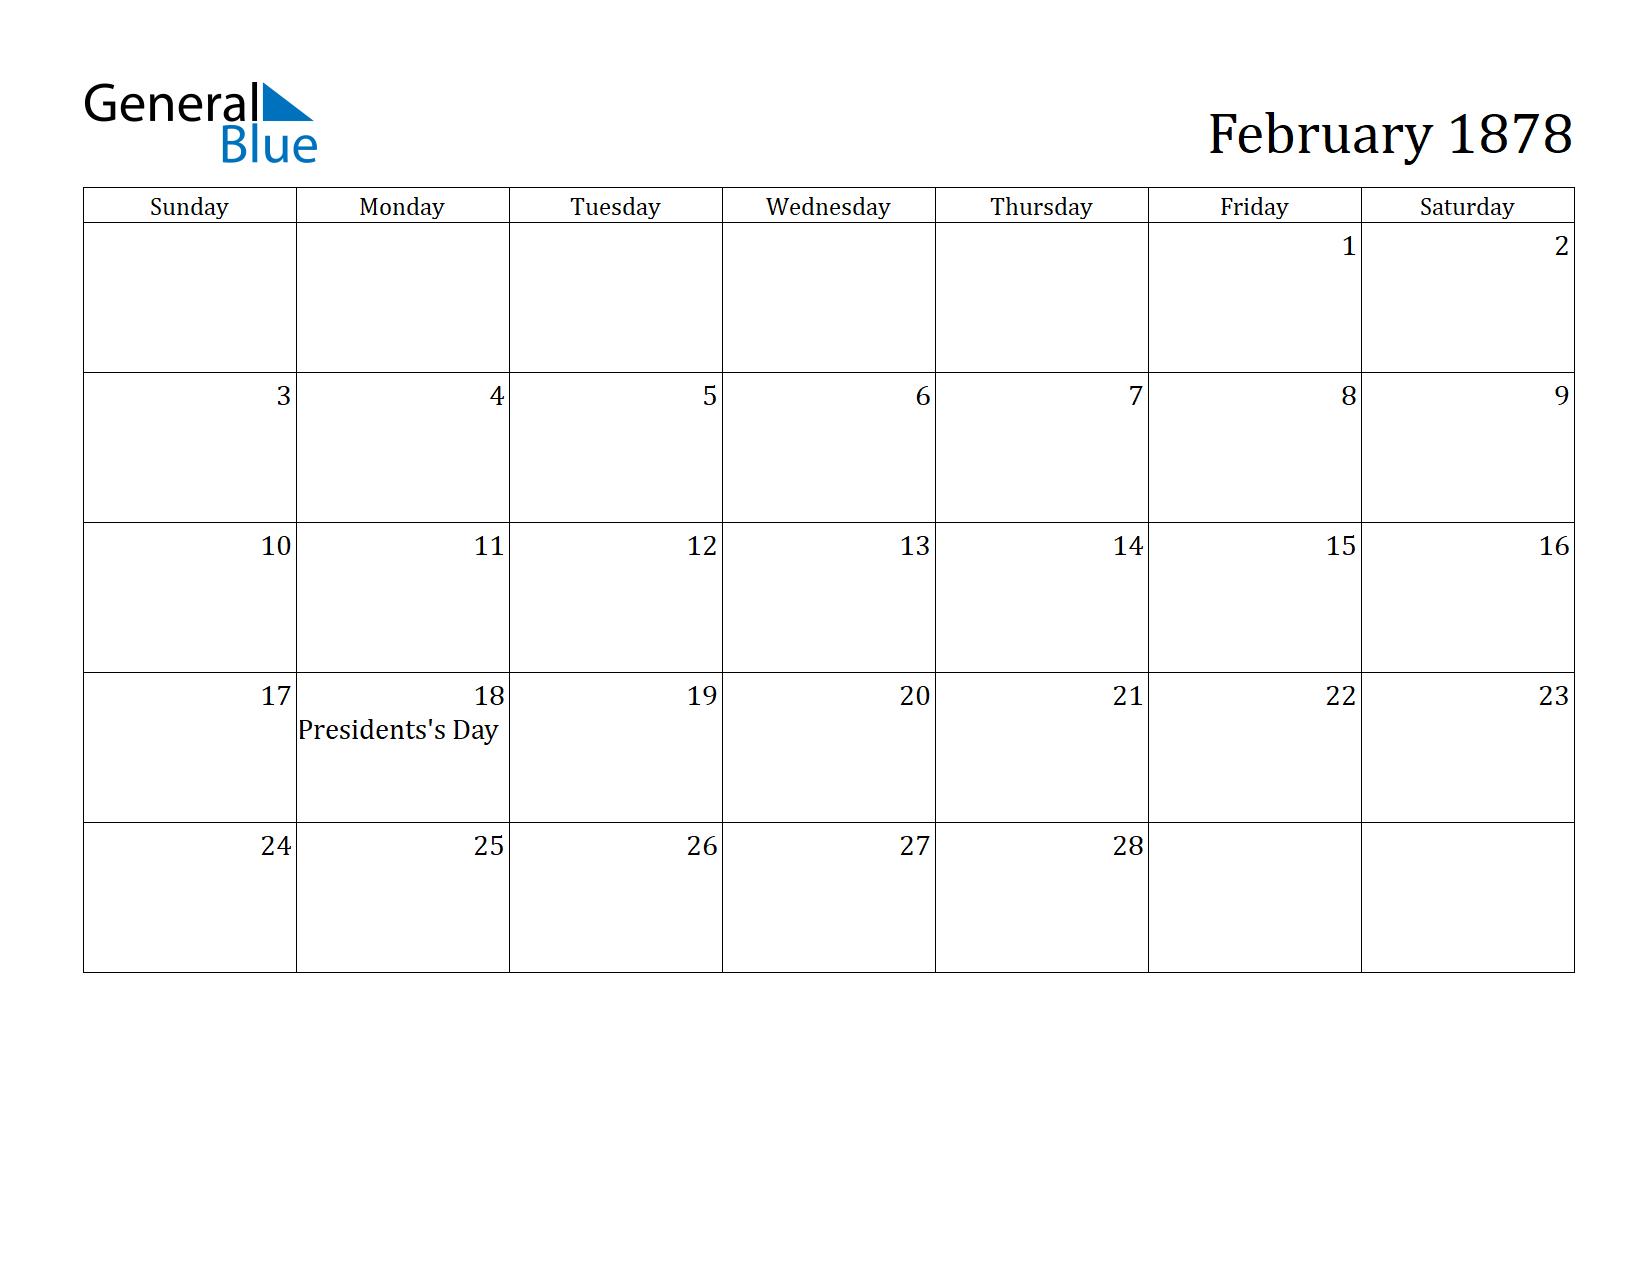 Image of February 1878 Calendar